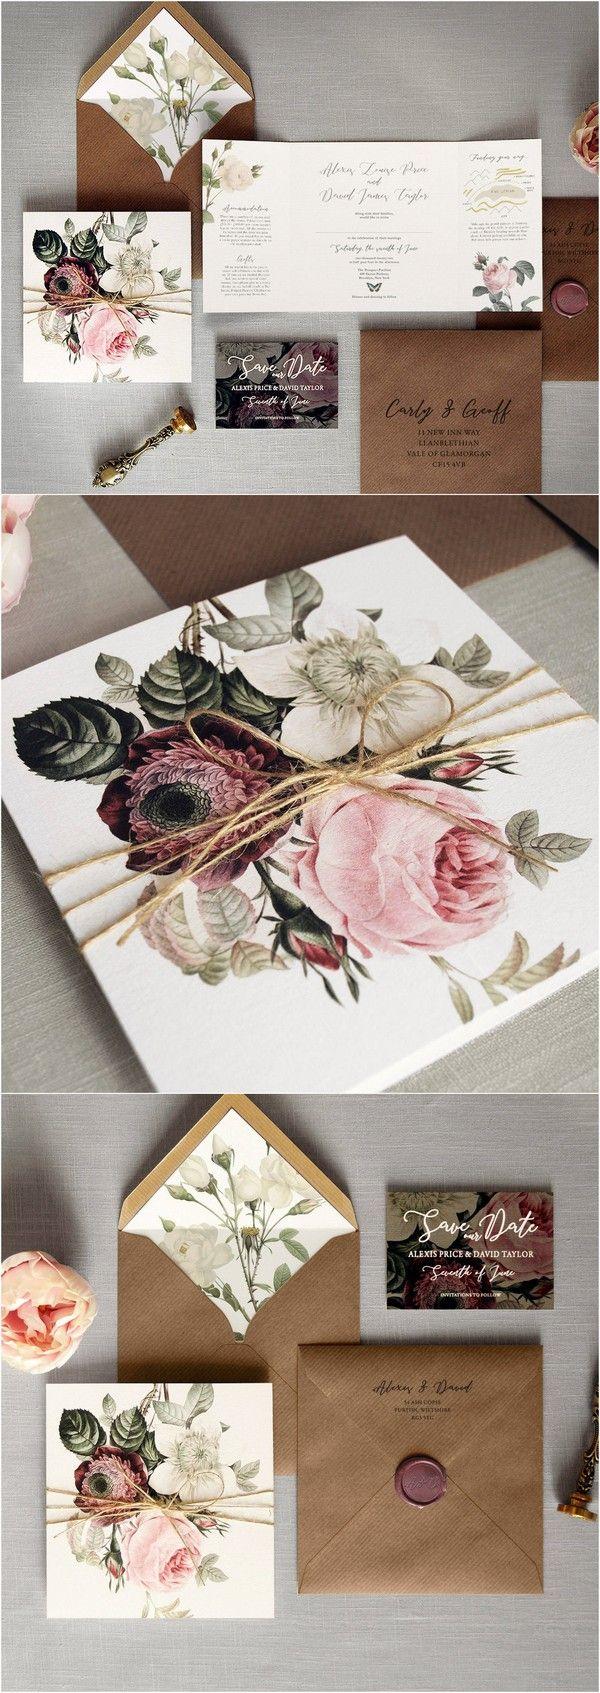 42 besten Einladungskarten & Papeterie - die perfekten Karten für ... - Einladungskarten Hochzeit Rosen